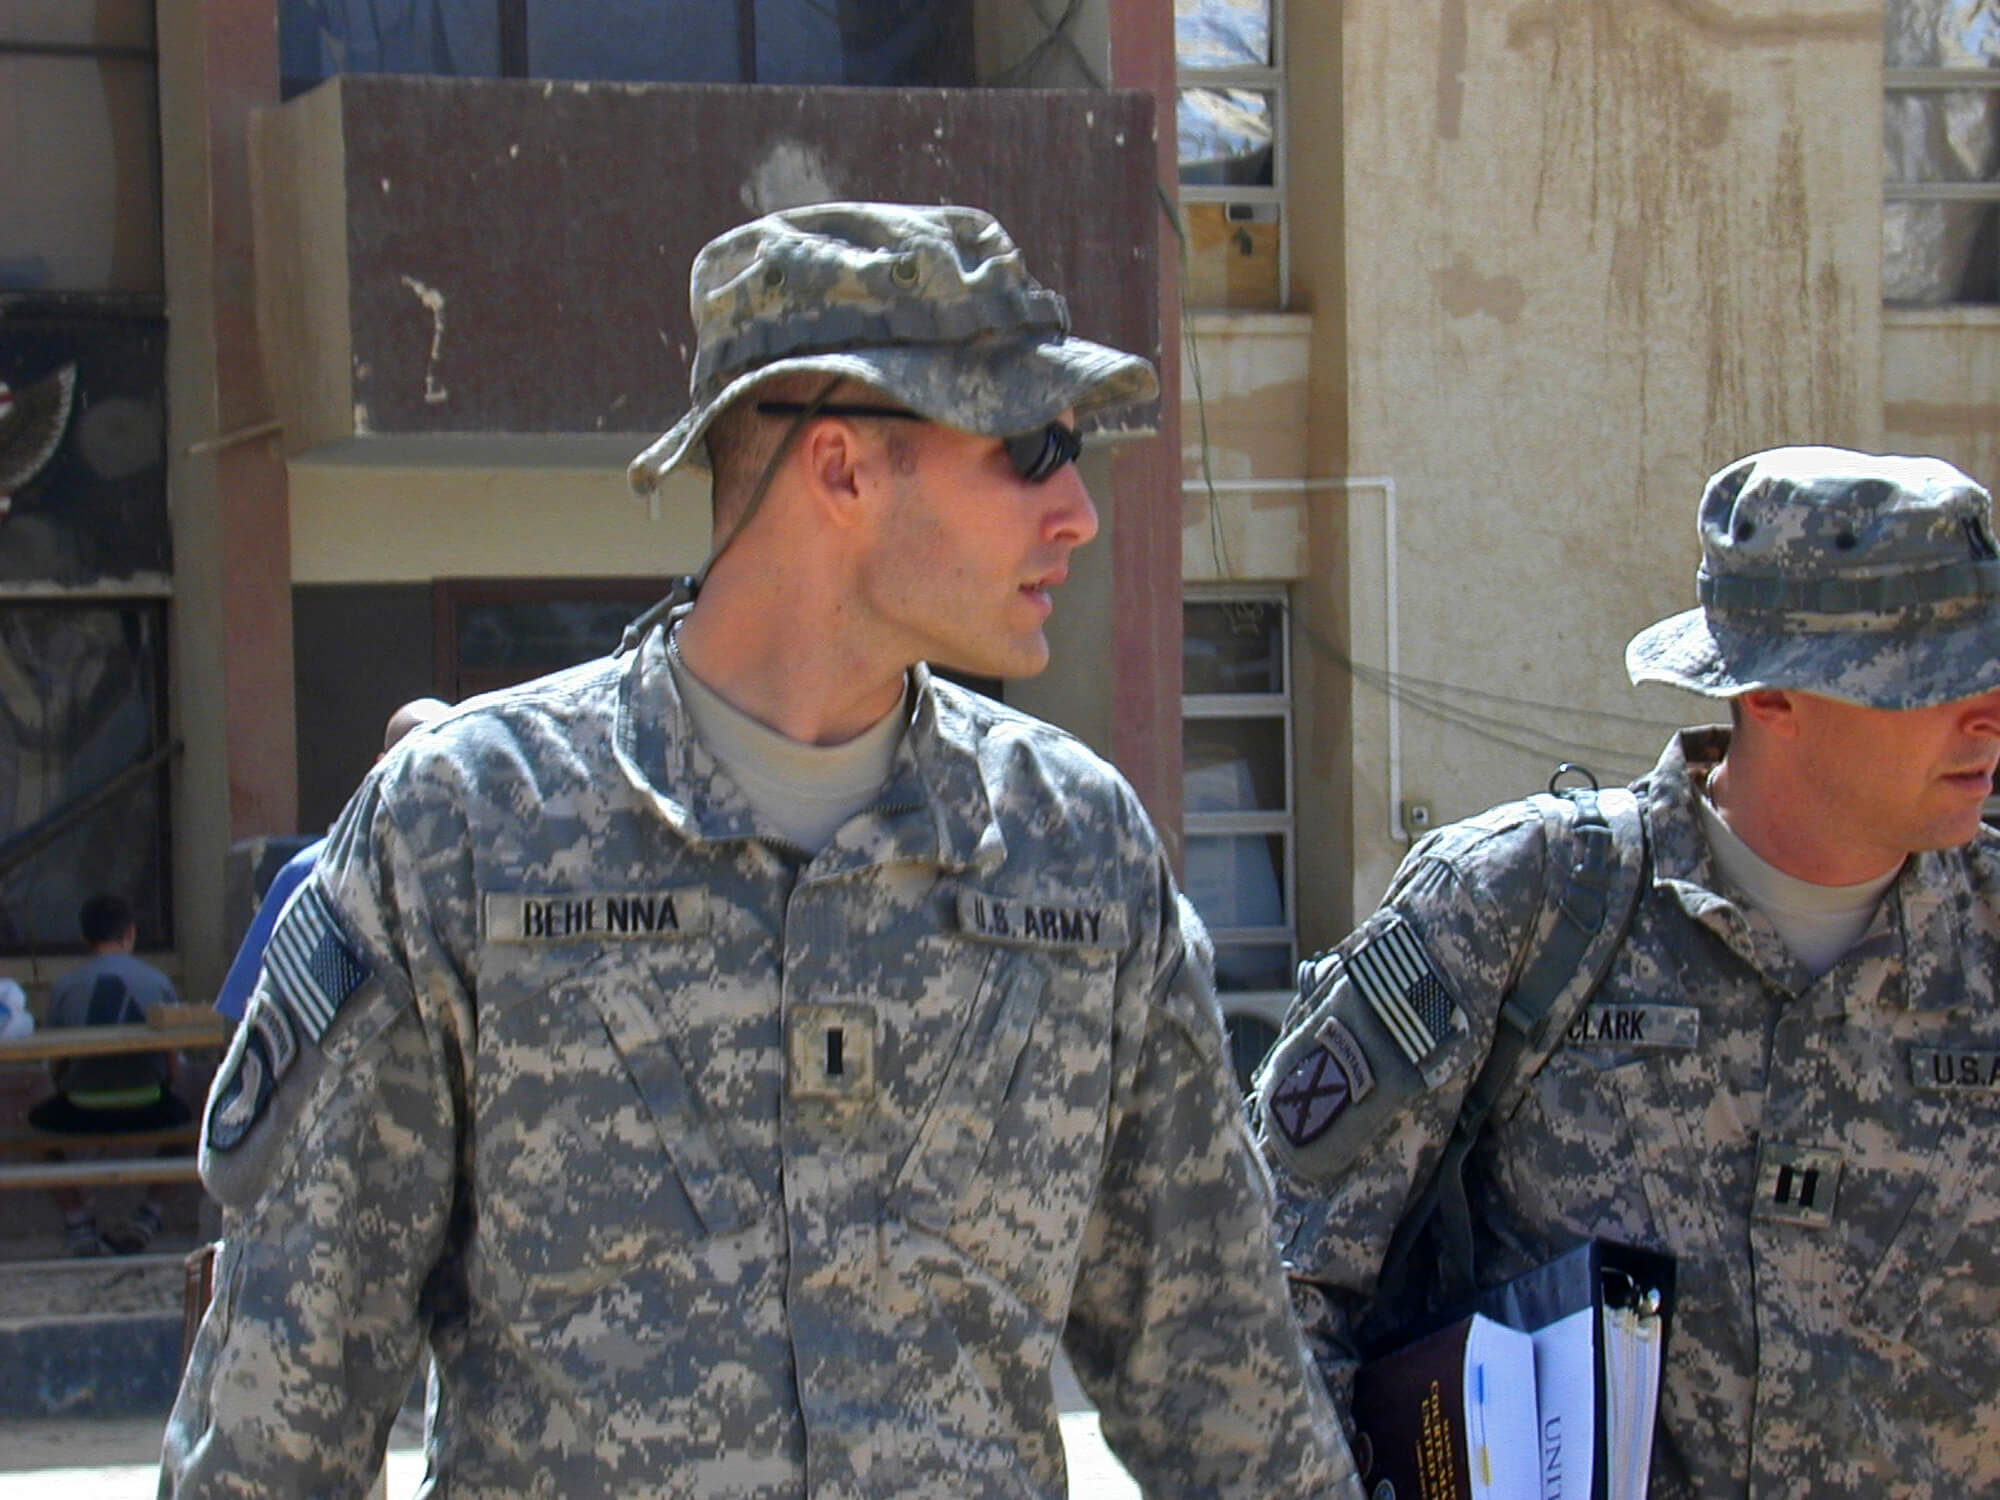 foto Michael Behenna exmilitar estados unidos 21 septiembre 2008